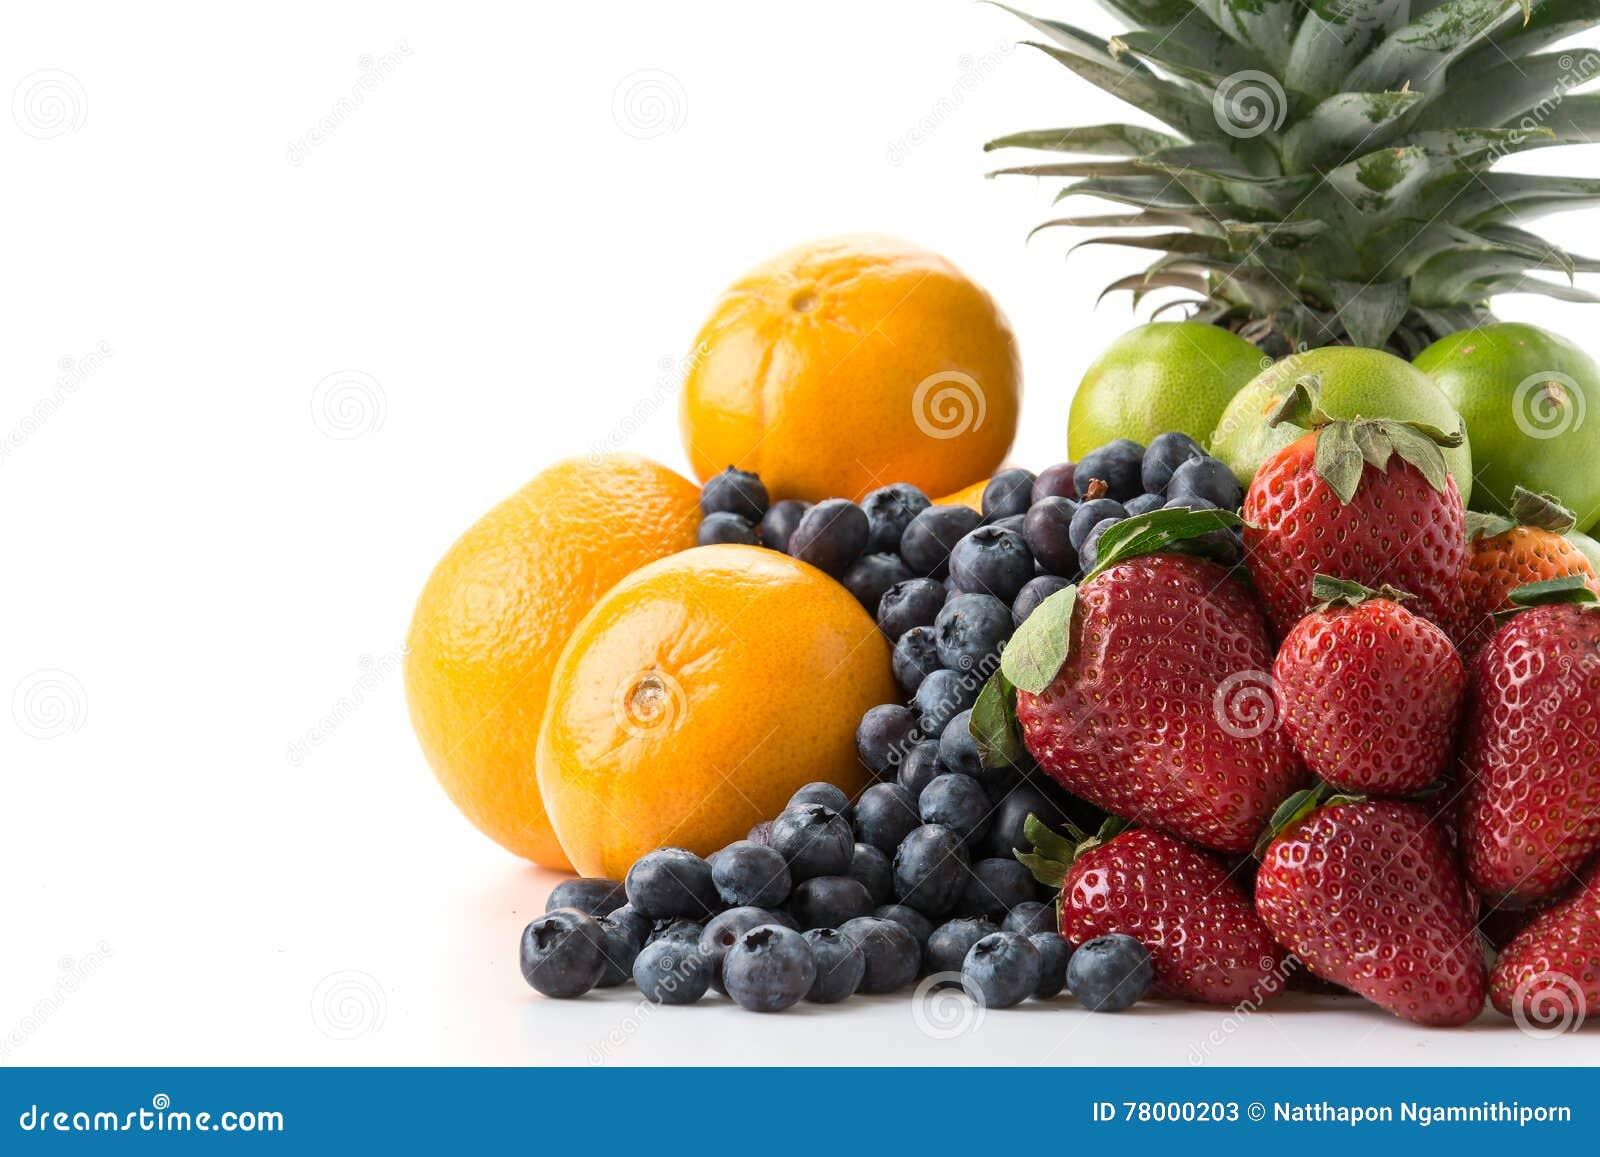 Frukt är användbar till kroppen